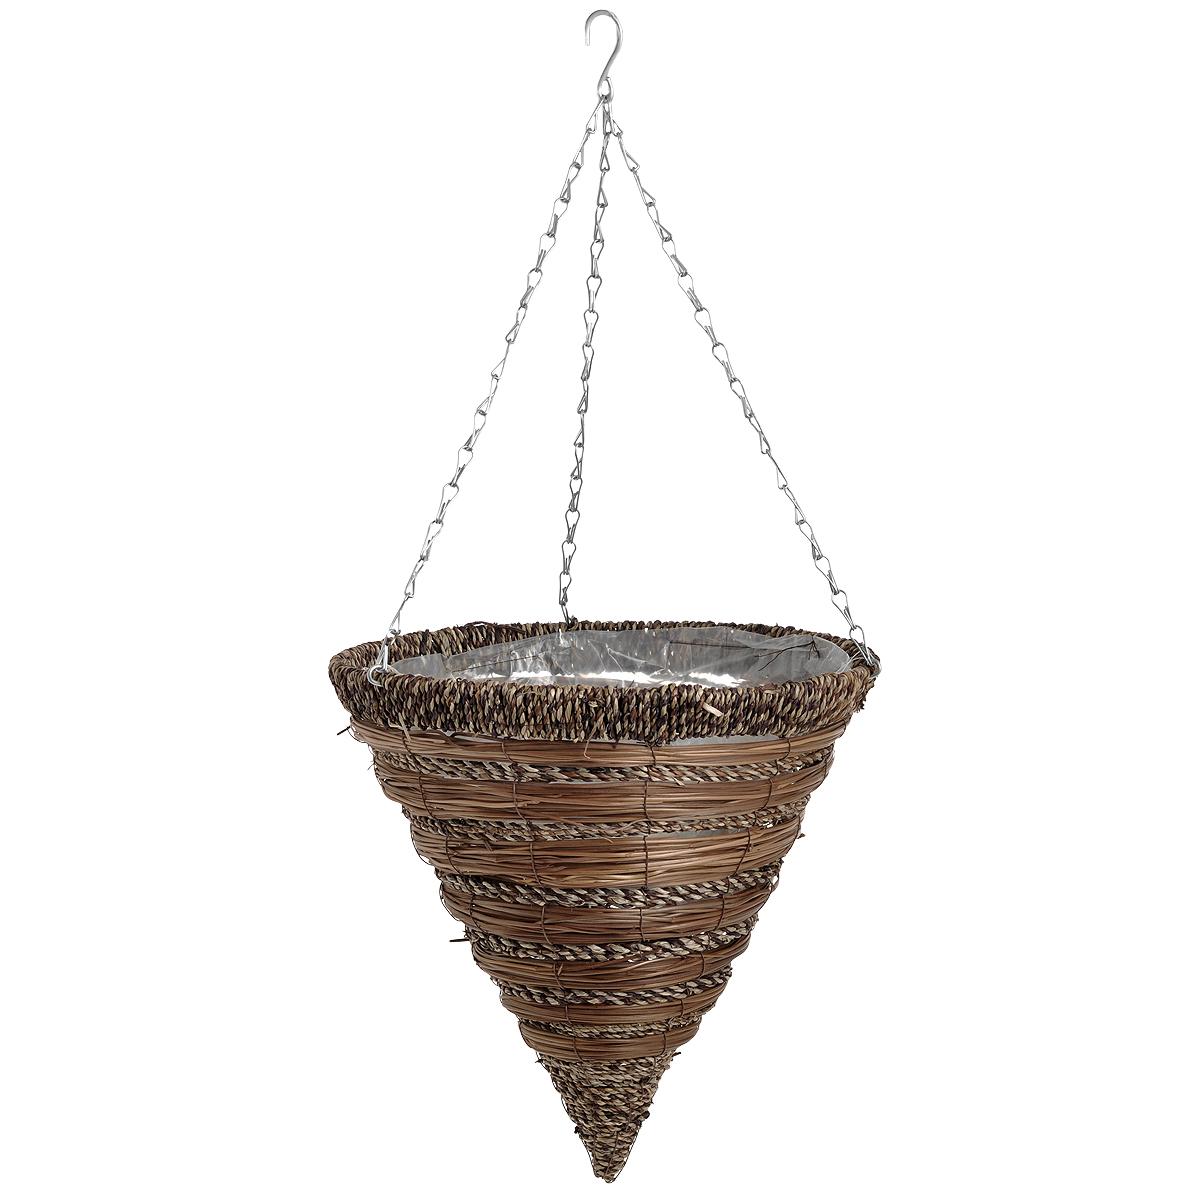 Корзина подвесная для цветов Gardman, диаметр 35 см. 027701101BSПодвесная плетеная корзина Gardman в форме конуса изготовлена из сизаля. Каркас выполнен из металла. Корзина уже оснащена специальной пленкой и полностью готова для посадки растений. Прекрасно подходит для цветов. Подвешивается с помощью специальной тройной металлической цепи с крючком.Кашпо часто становятся последним штрихом, который совершенно изменяет интерьер помещения или ландшафтный дизайн сада. Благодаря такому кашпо вы сможете украсить вашу комнату, офис или сад. Характеристики: Материал: металл, сизаль. Диаметр корзины: 35 см. Высота корзины: 36 см. Товары для садоводства от Gardman - это вещи, сделанные с любовью, с истинно английской практичностью, основанной на глубоких традициях садоводства Великобритании. Эти товары широко известны садоводам Европы, США, Канады и Японии. Демократичные цены и продуманный ассортимент Gardman завоевал признательность и российского покупателя, достойного хороших, качественных вещей. В ассортименте Gardman есть практически все, что нужно современному садоводу - от совочка для рассады до предметов декора и ландшафтного дизайна.